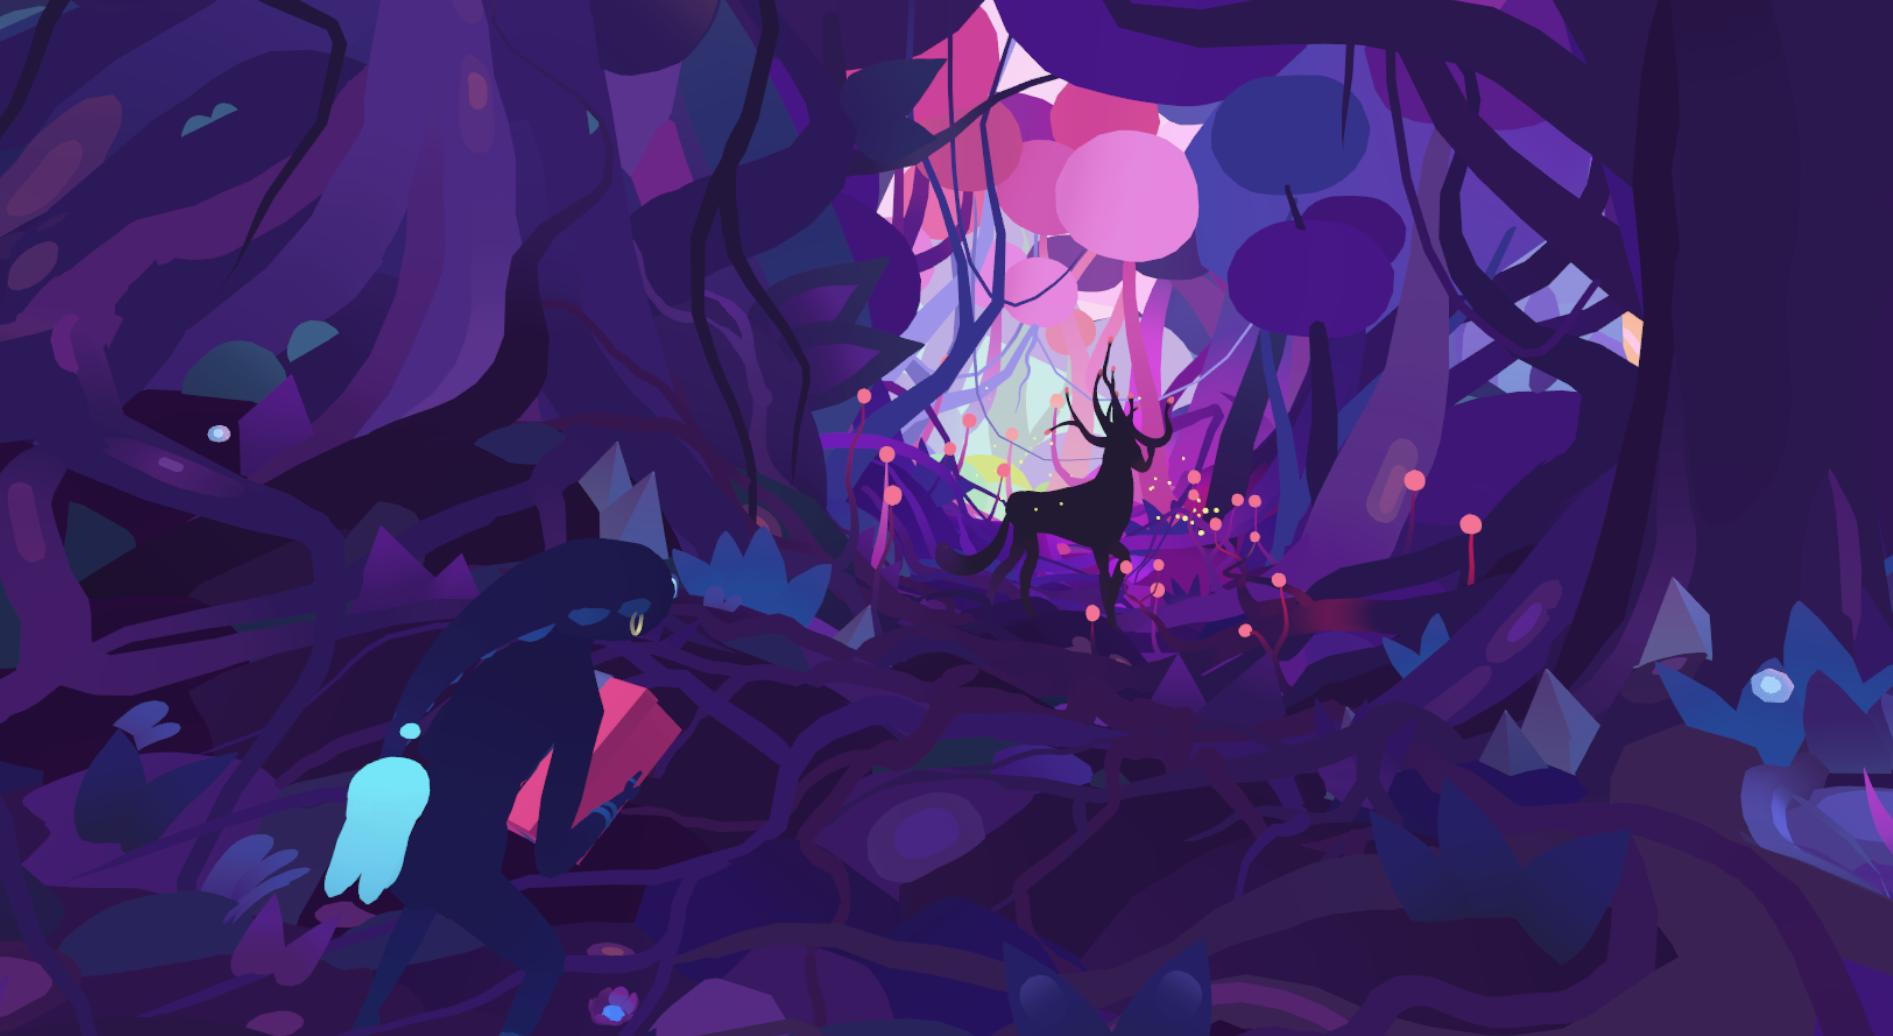 第2章『The Neon Jungle』のストーリー15